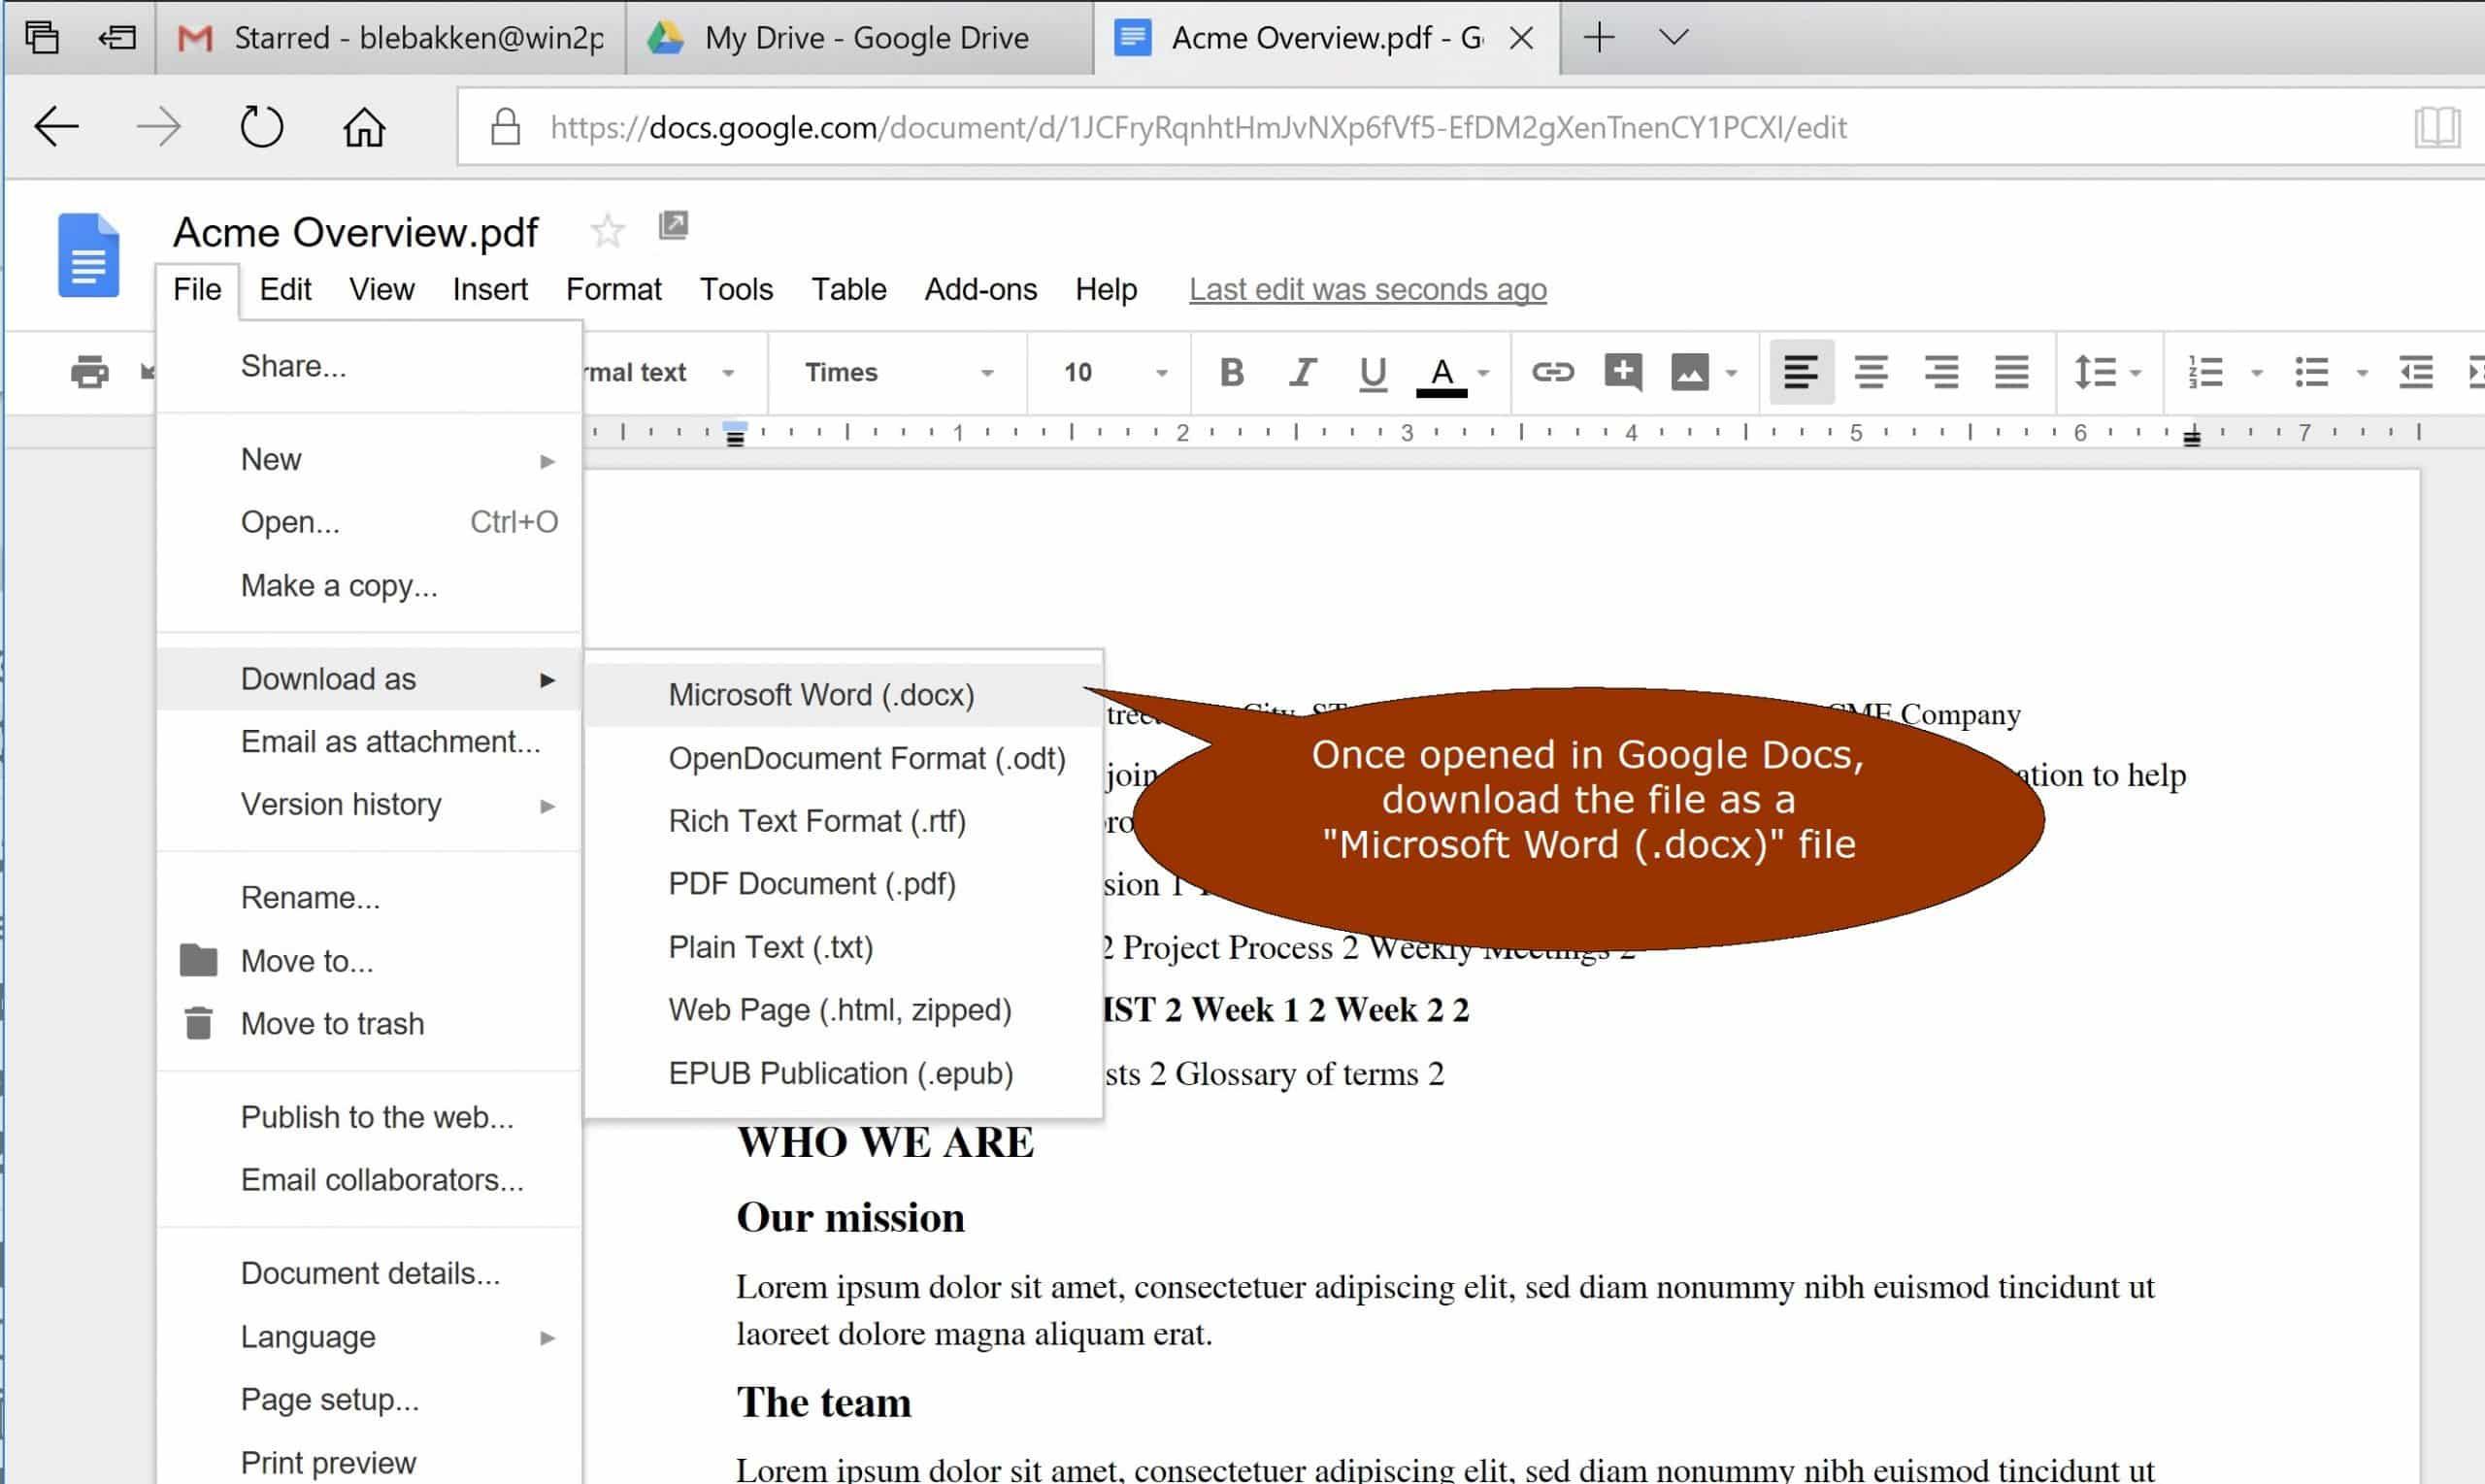 Jika-sudah-diperbaiki-klik-menu-File-lalu-Download-as-dan-pilih-Microsoft-Word-docx